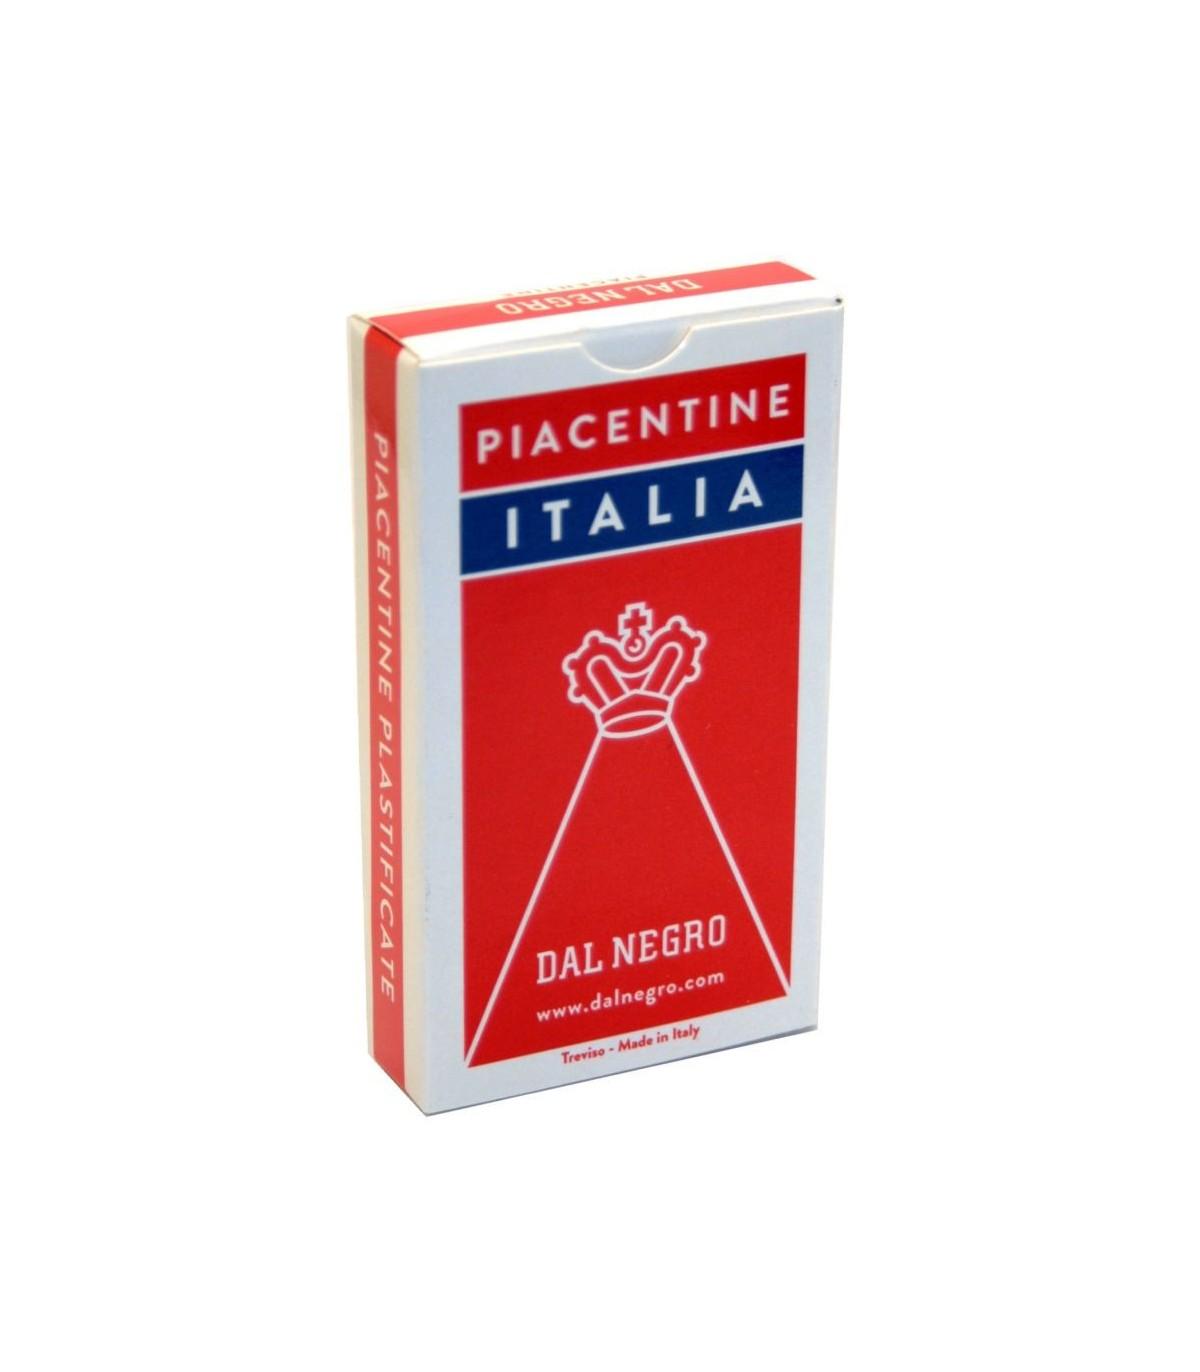 Carte regionali Piacentine Italia Astuccio Rosso Dal Negro